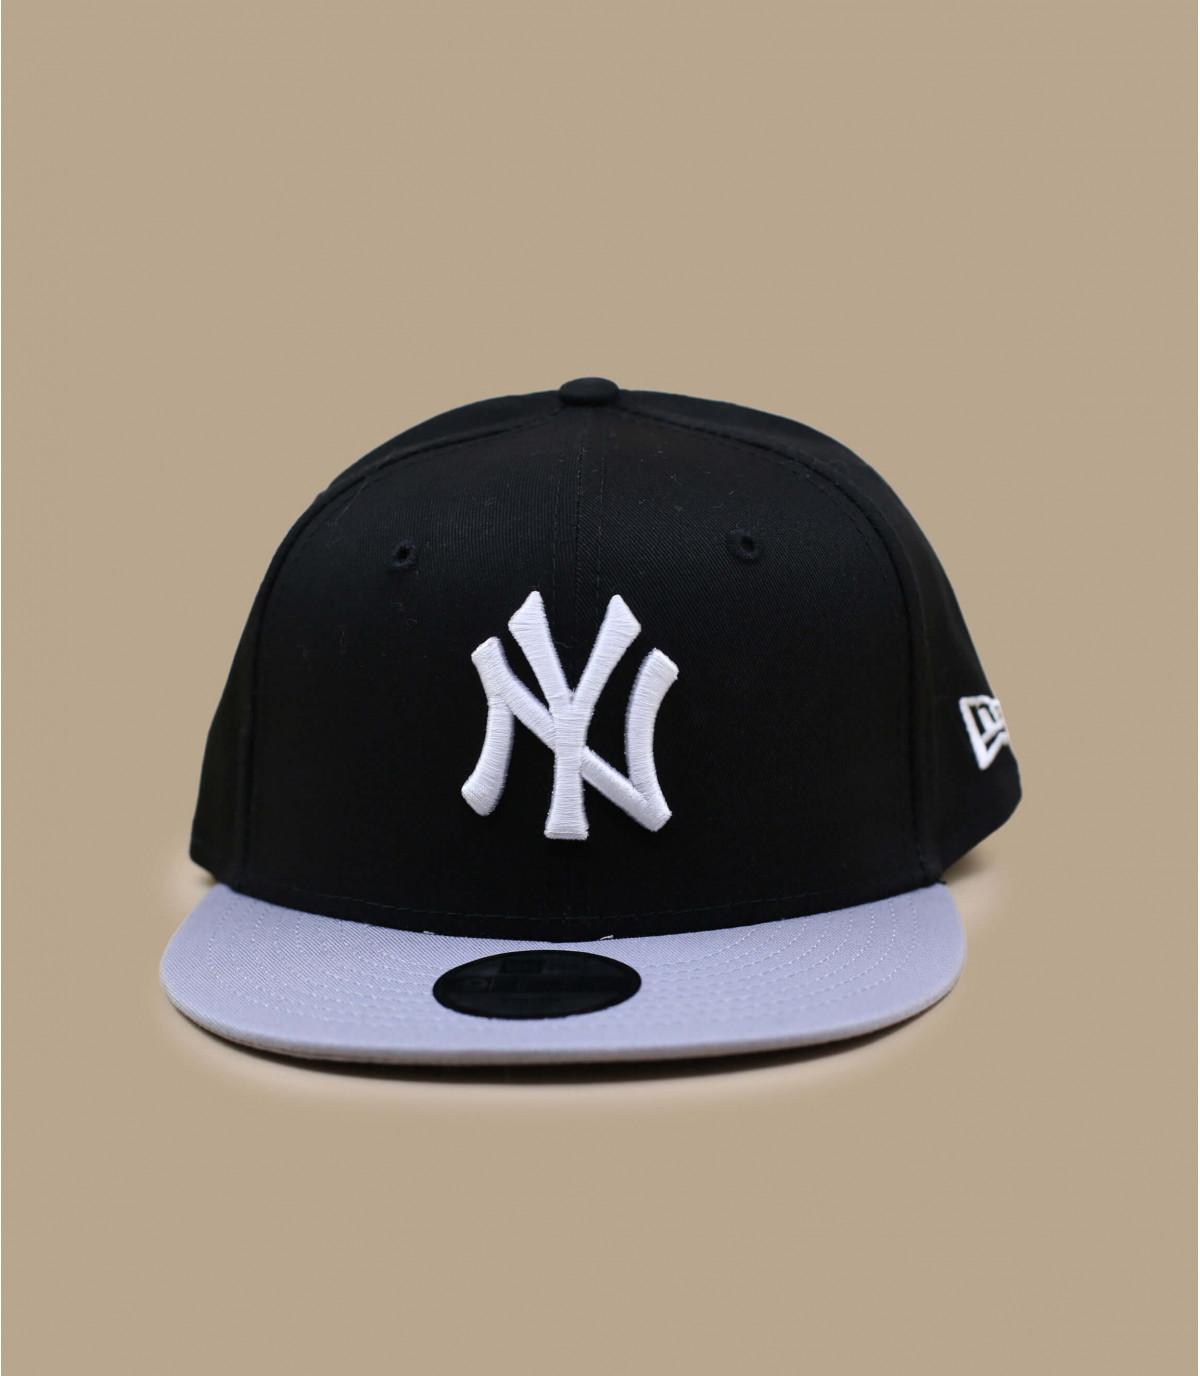 Cap NY Kinder schwarze grau